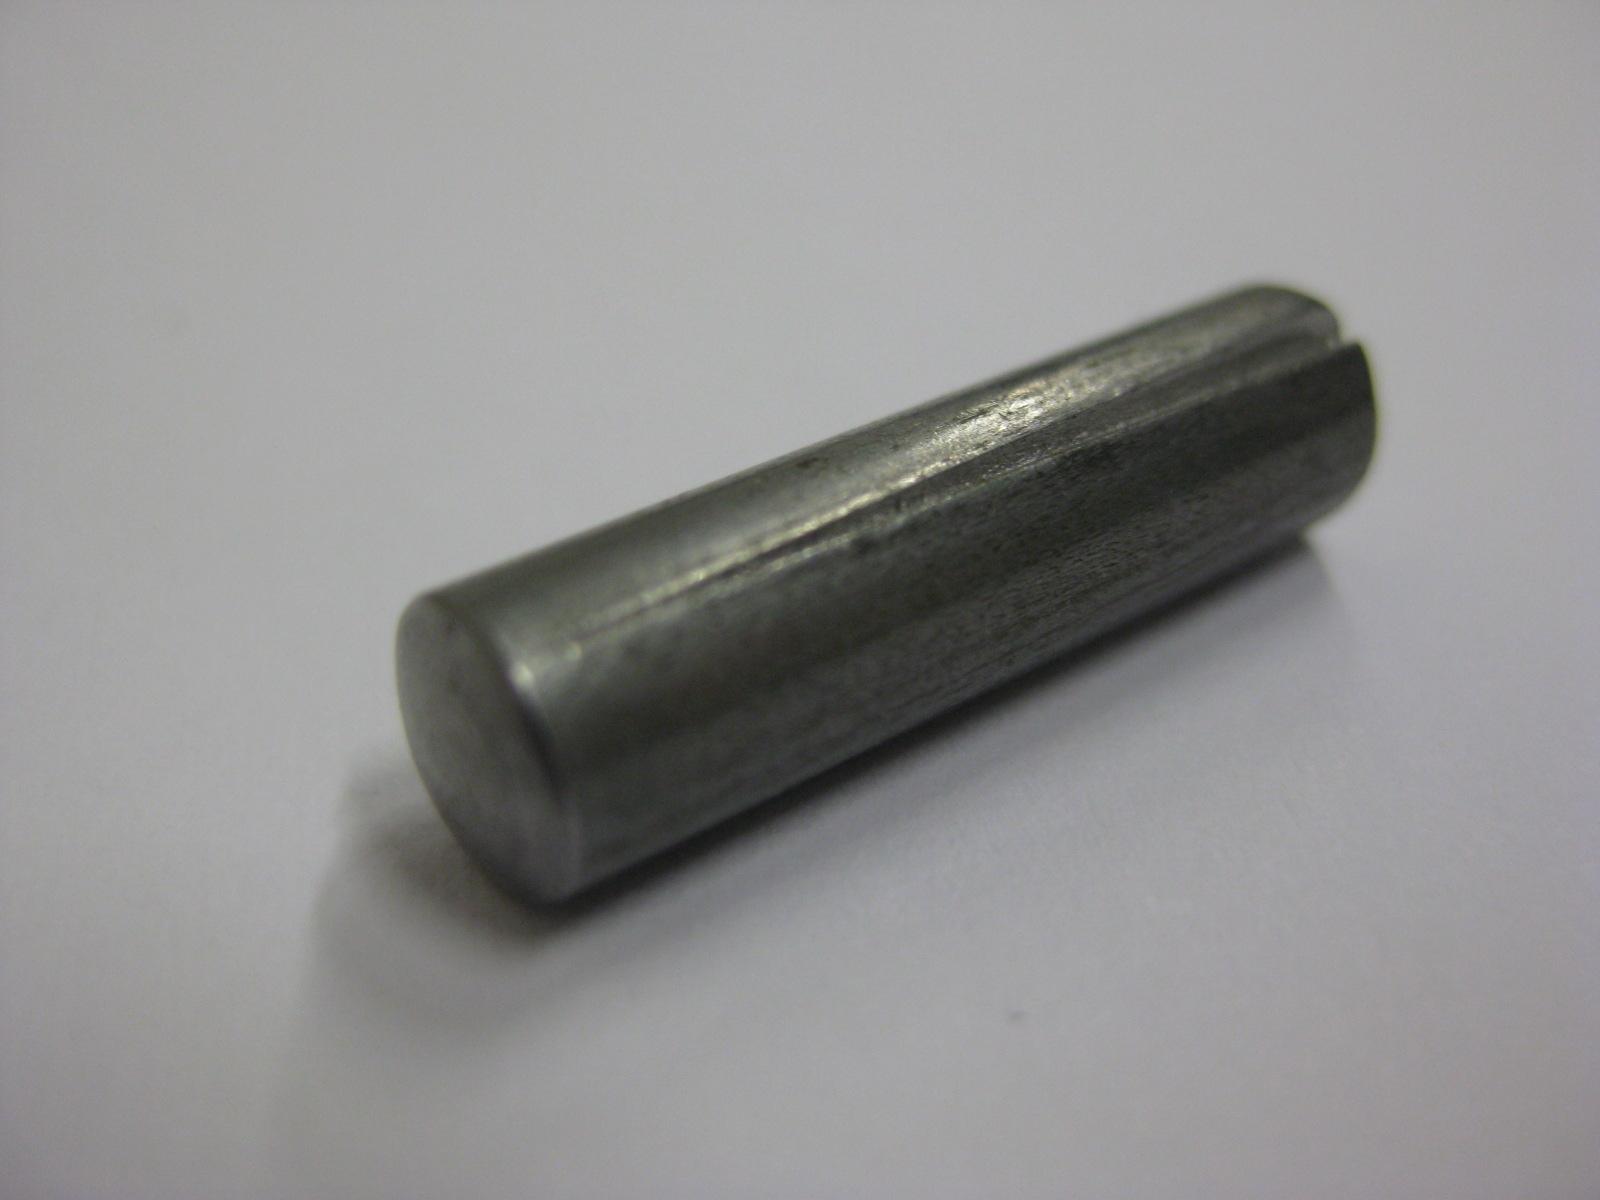 zajišťovací čep řadící páky W1-4, Multicar M25